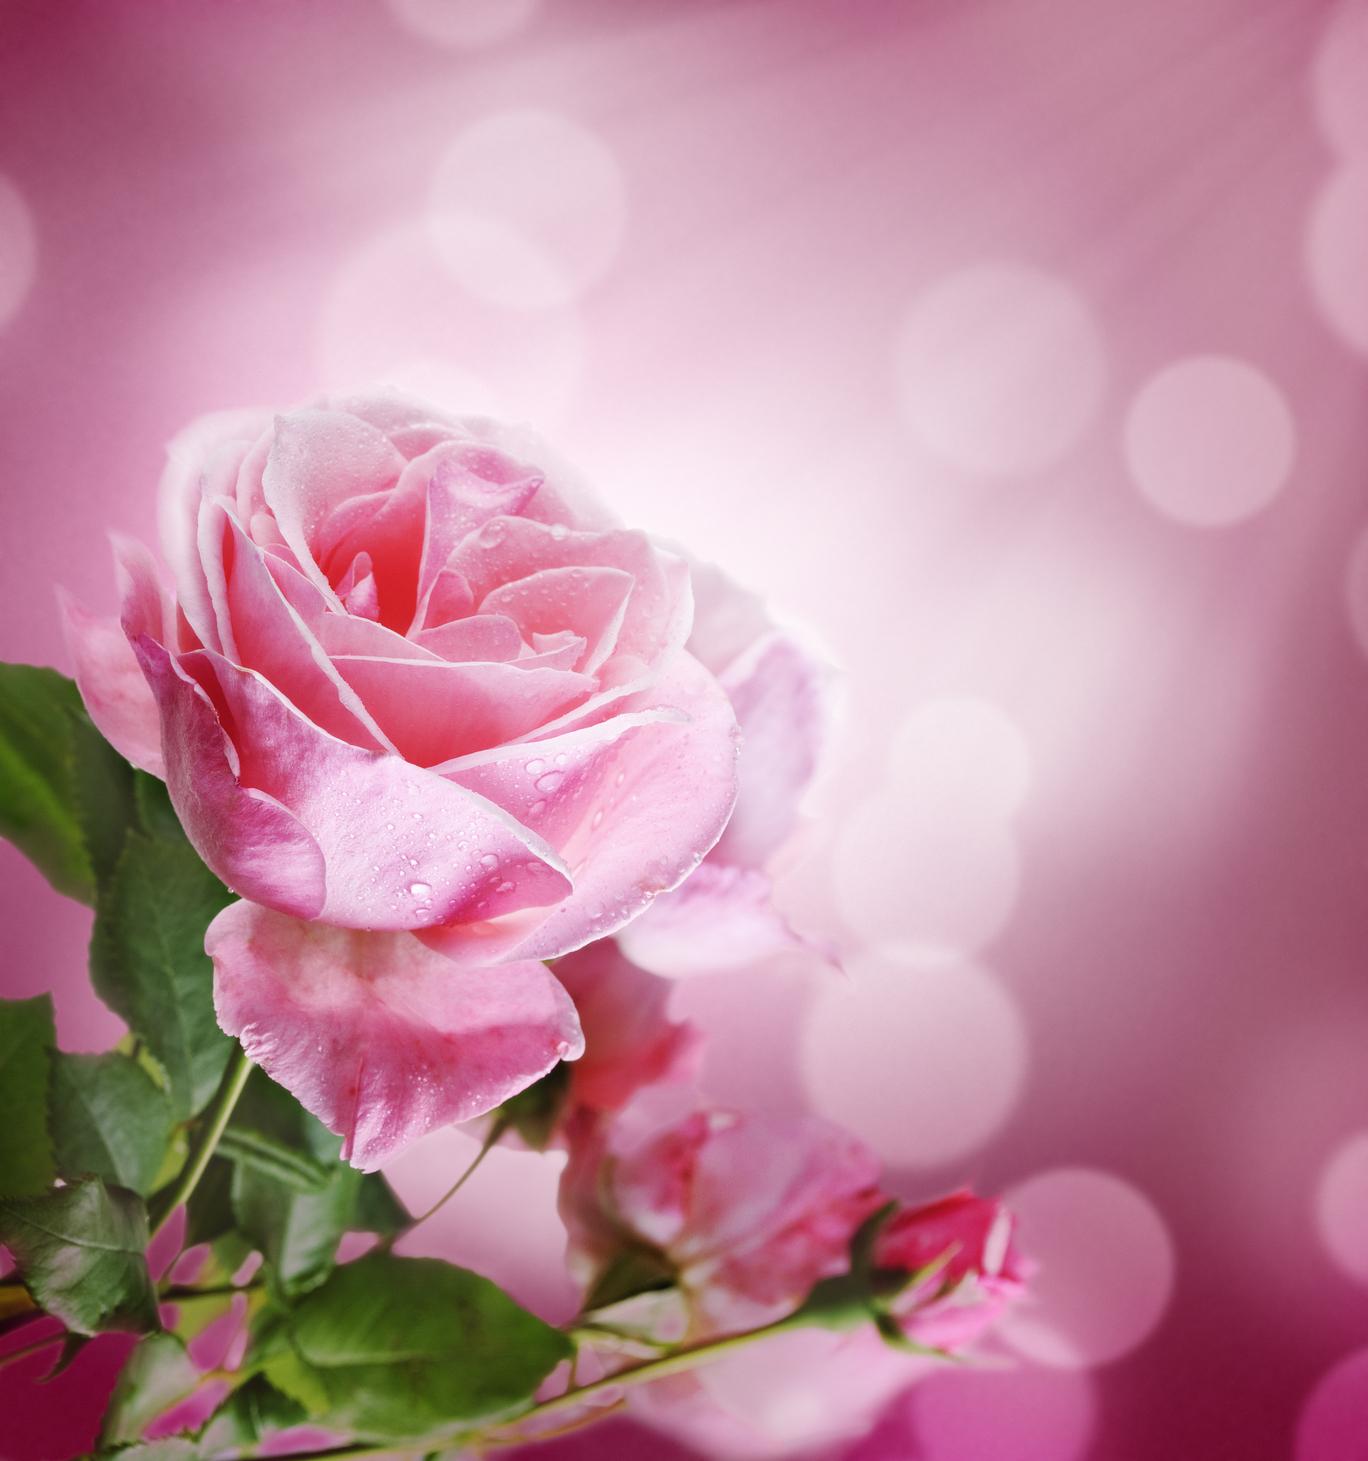 Arreglos florales con rosas de colores floral roses - Gama de colores rosas ...